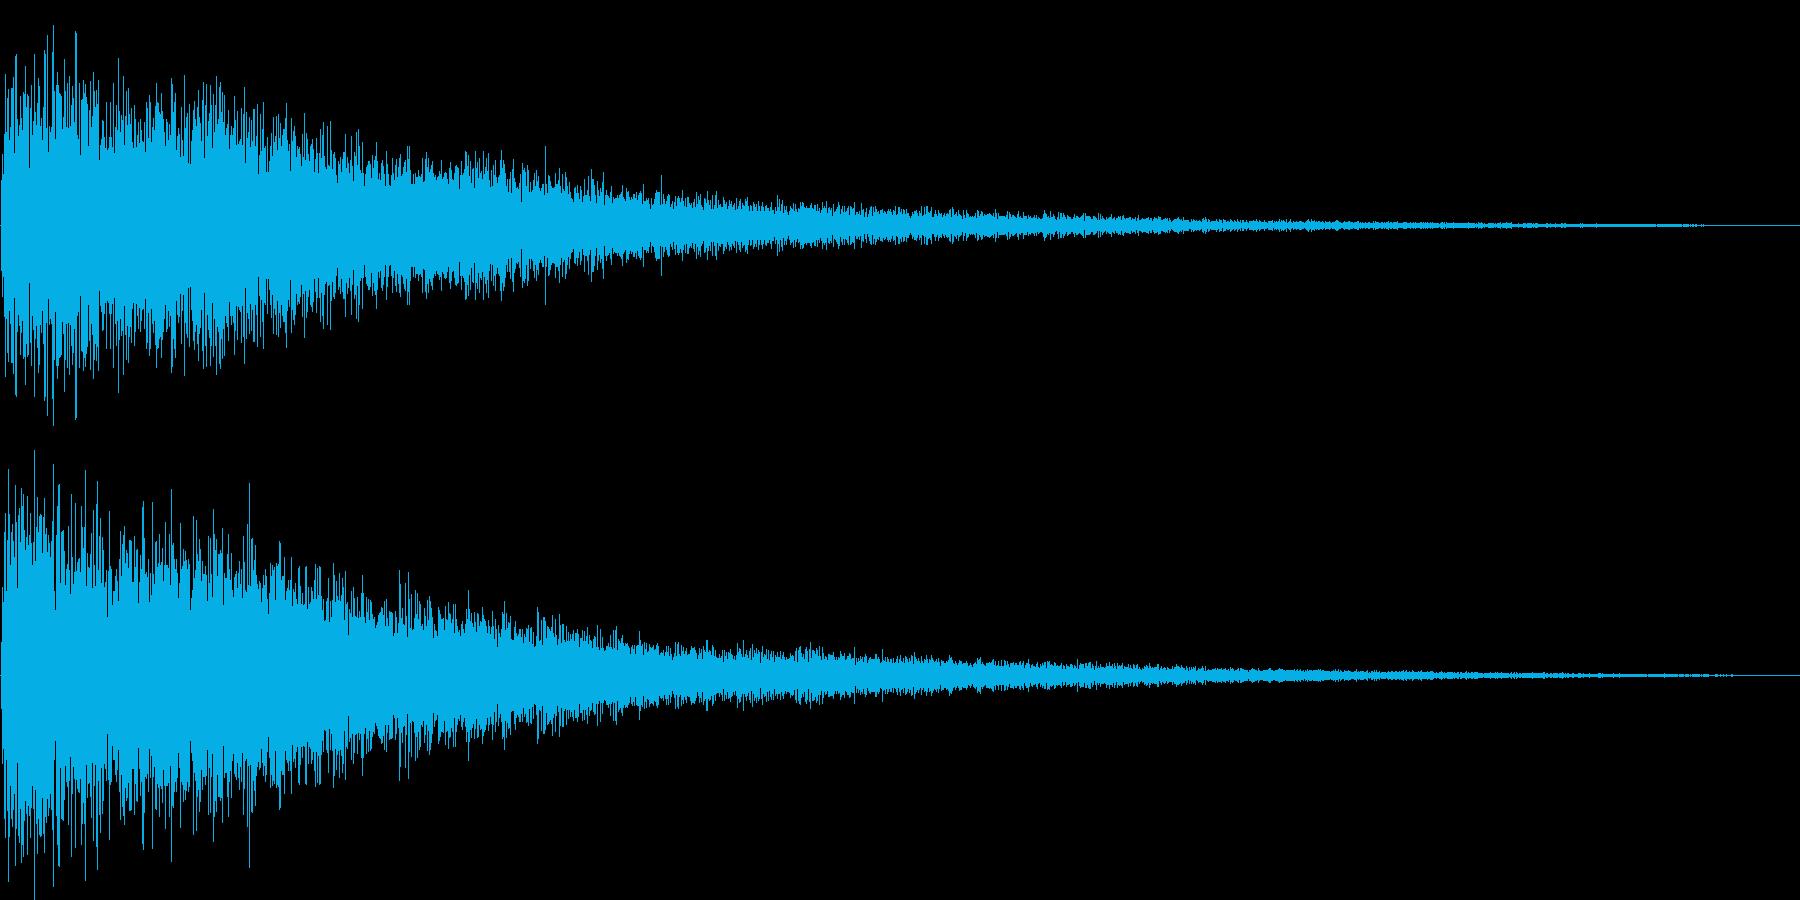 [ドワーン]中国/ドラ/銅鑼/少林寺の再生済みの波形